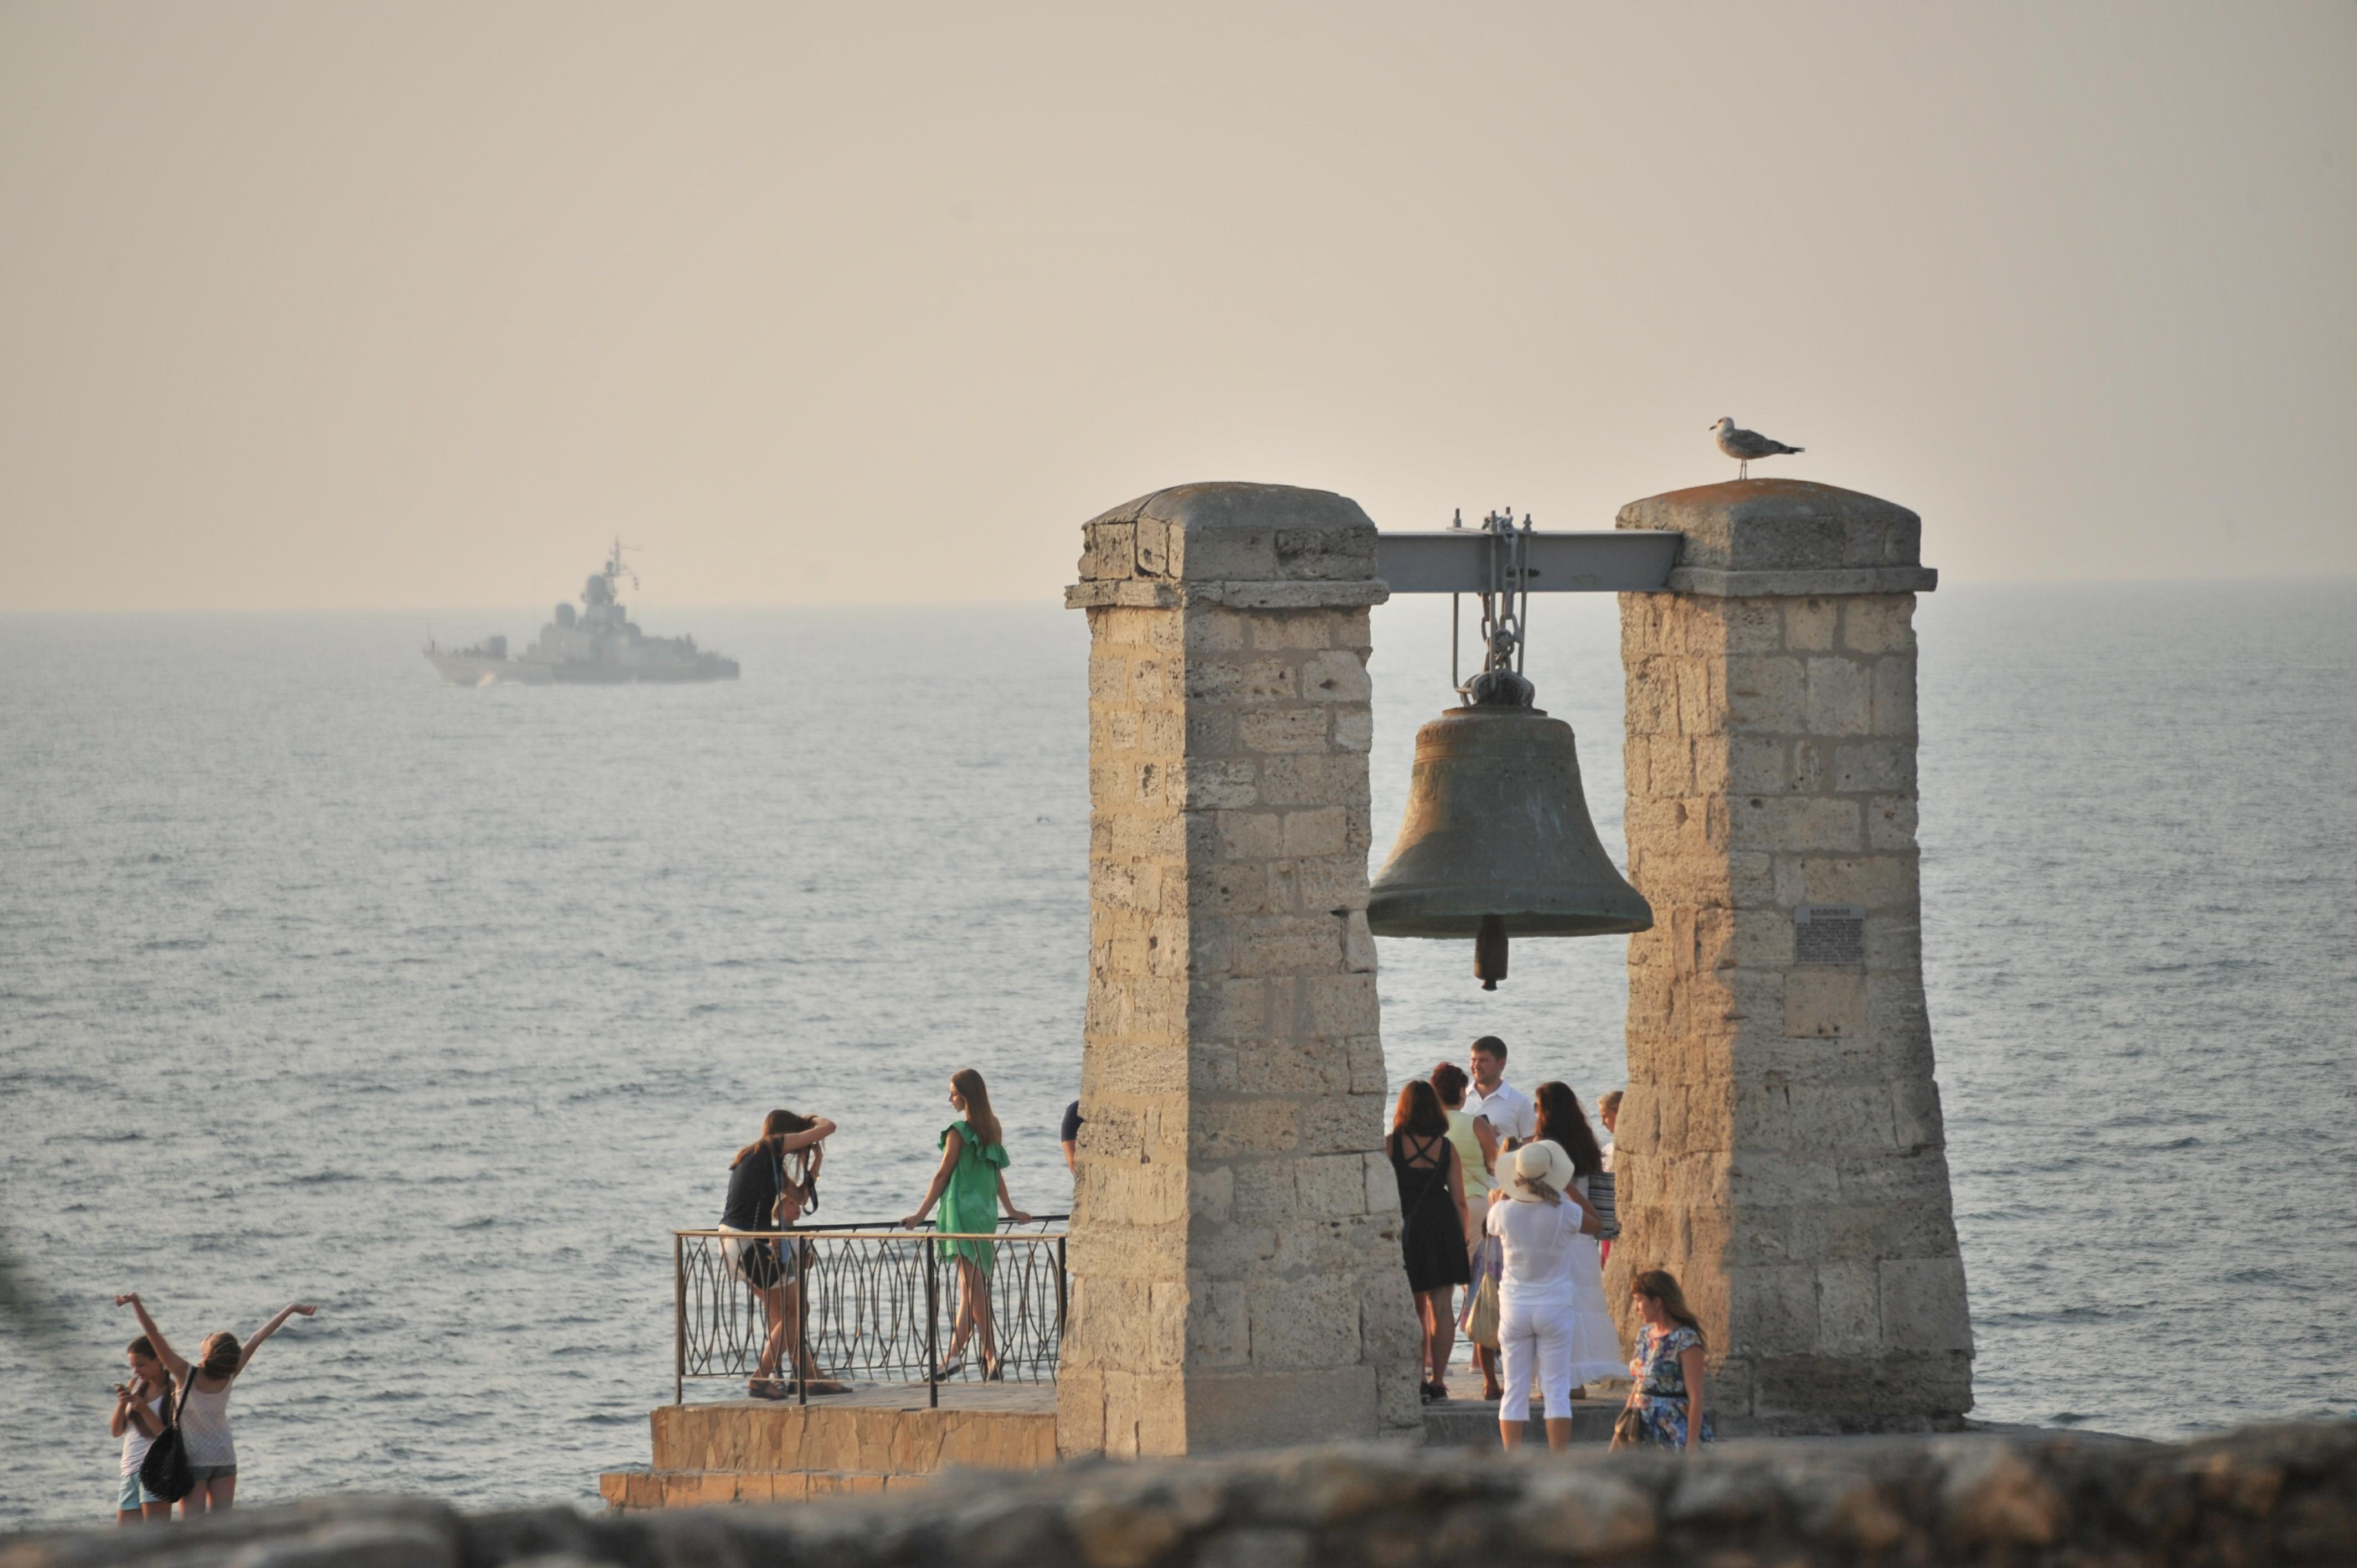 Скорее Украина воссоединится с РФ: в Крыму ответили экс-послу США, предрекшему полуострову судьбу Прибалтики